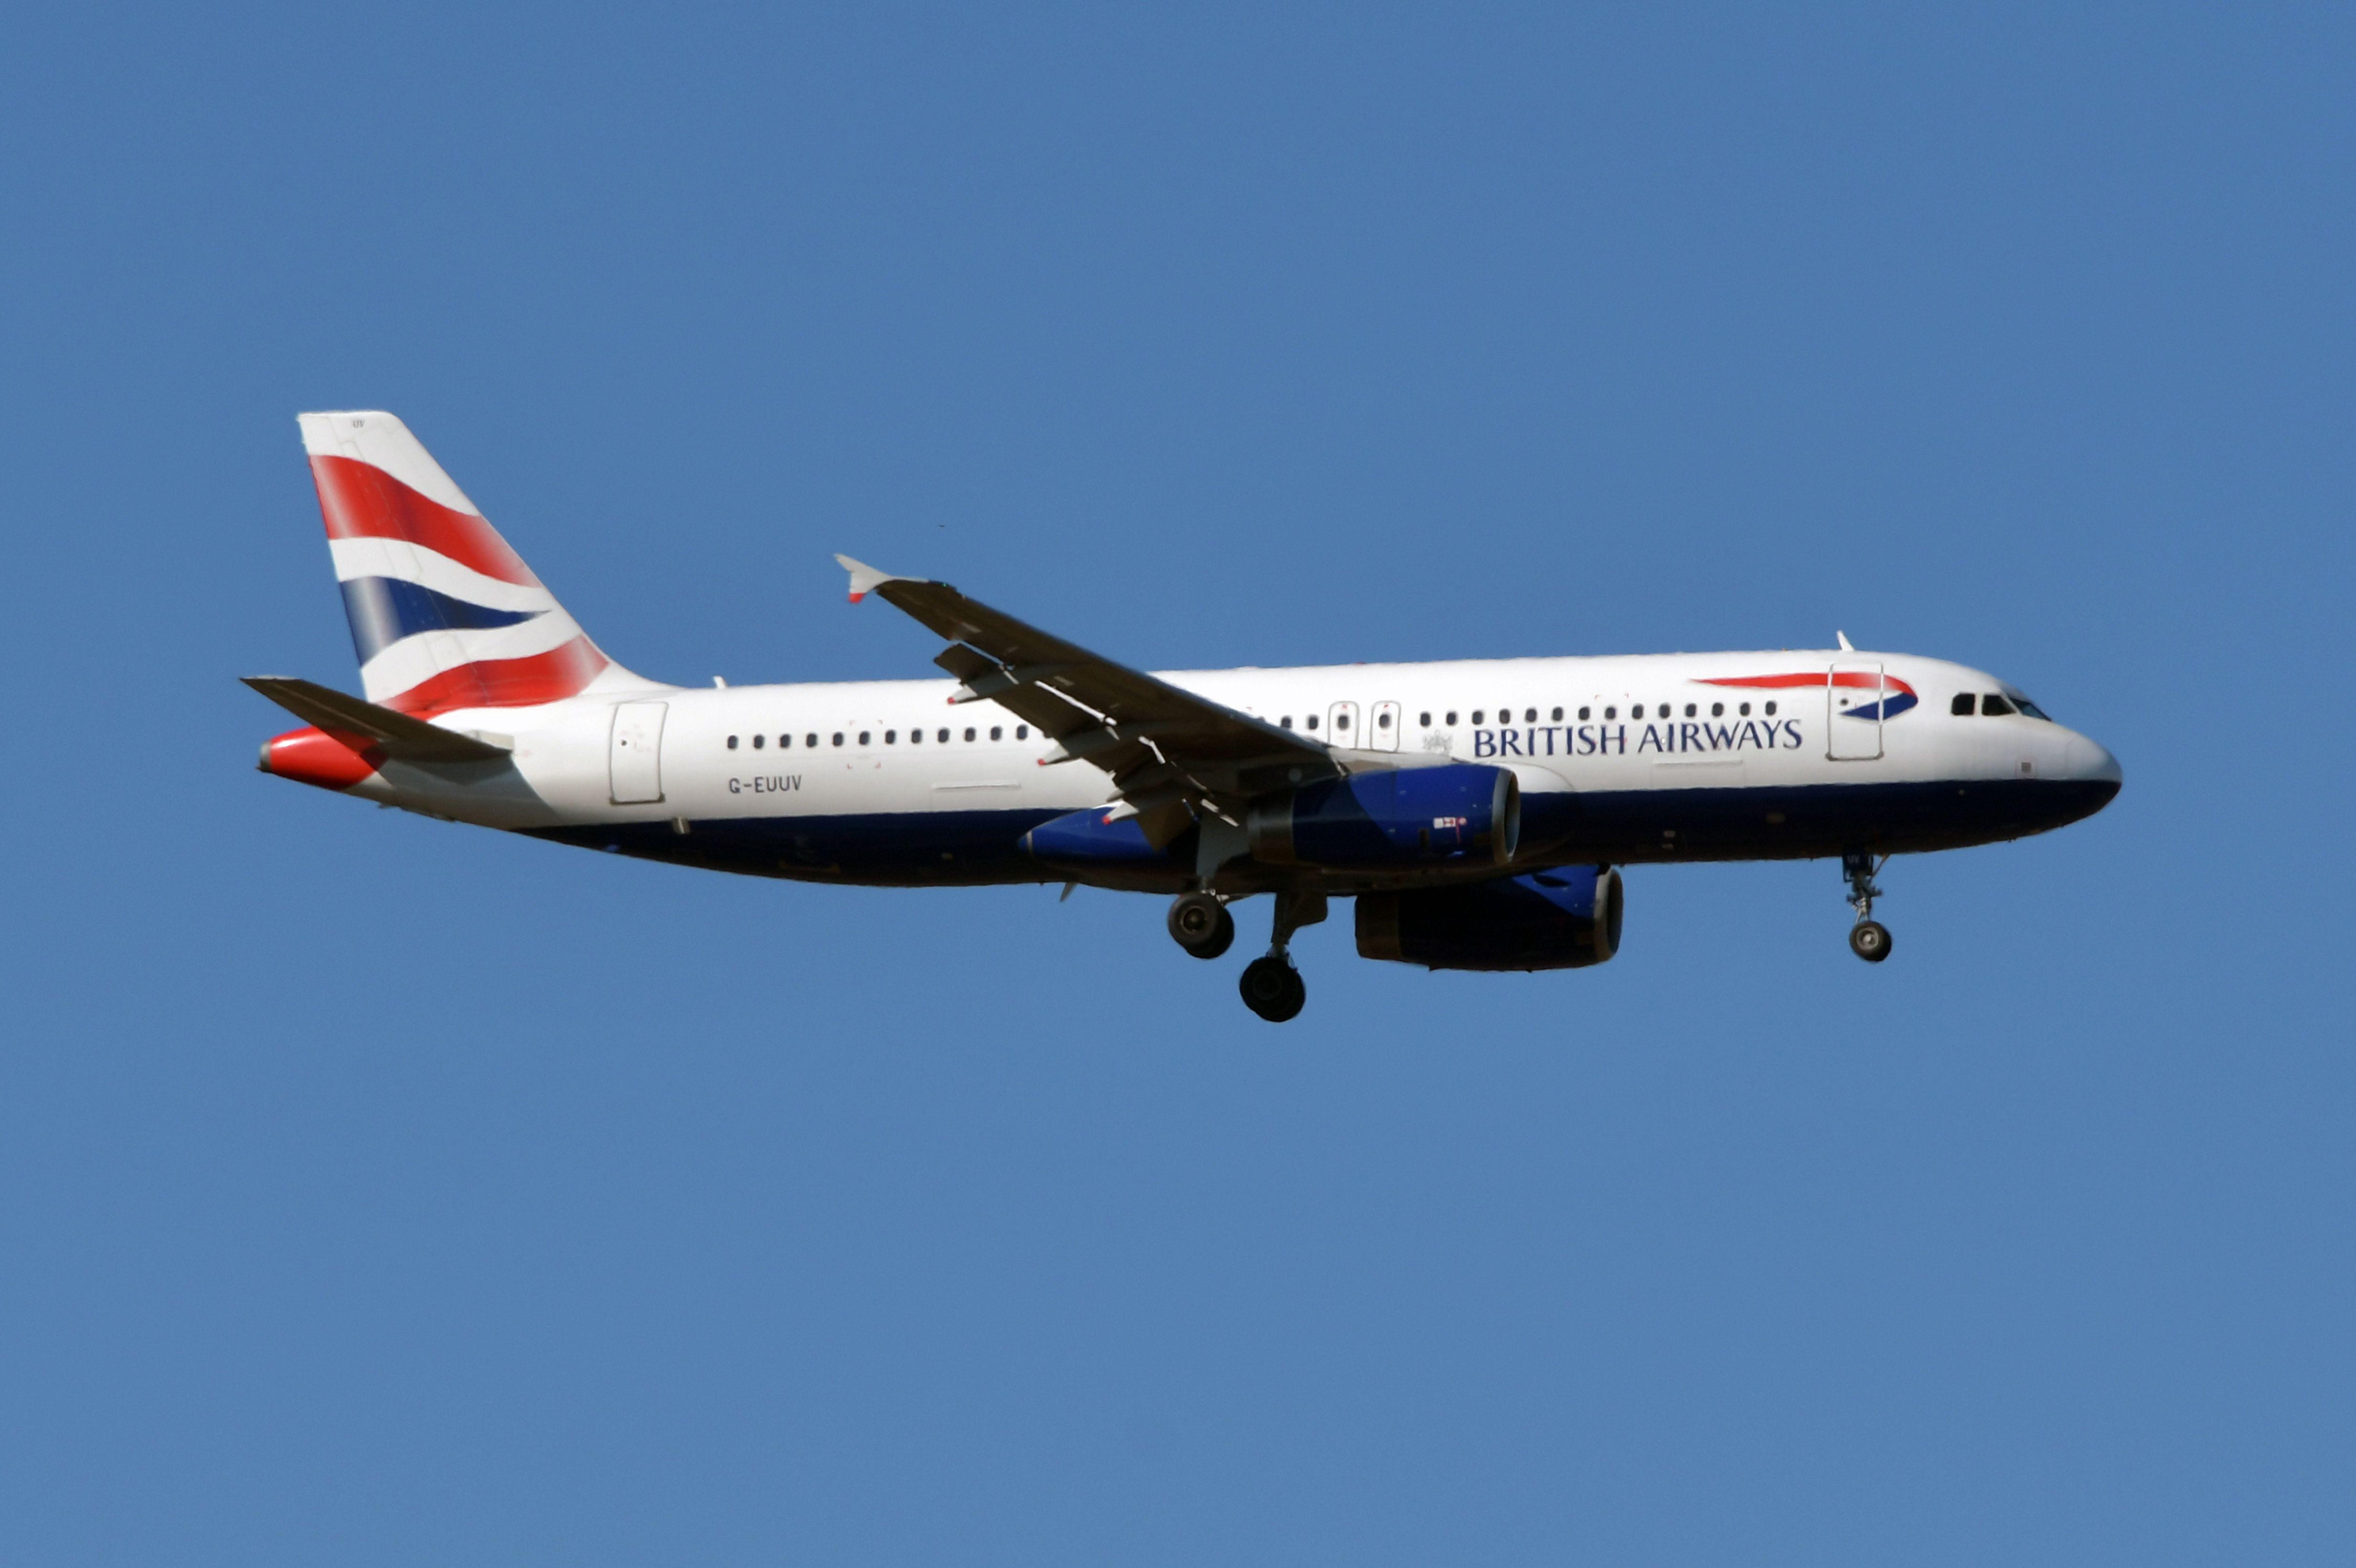 British Airways passengers endure 3-day